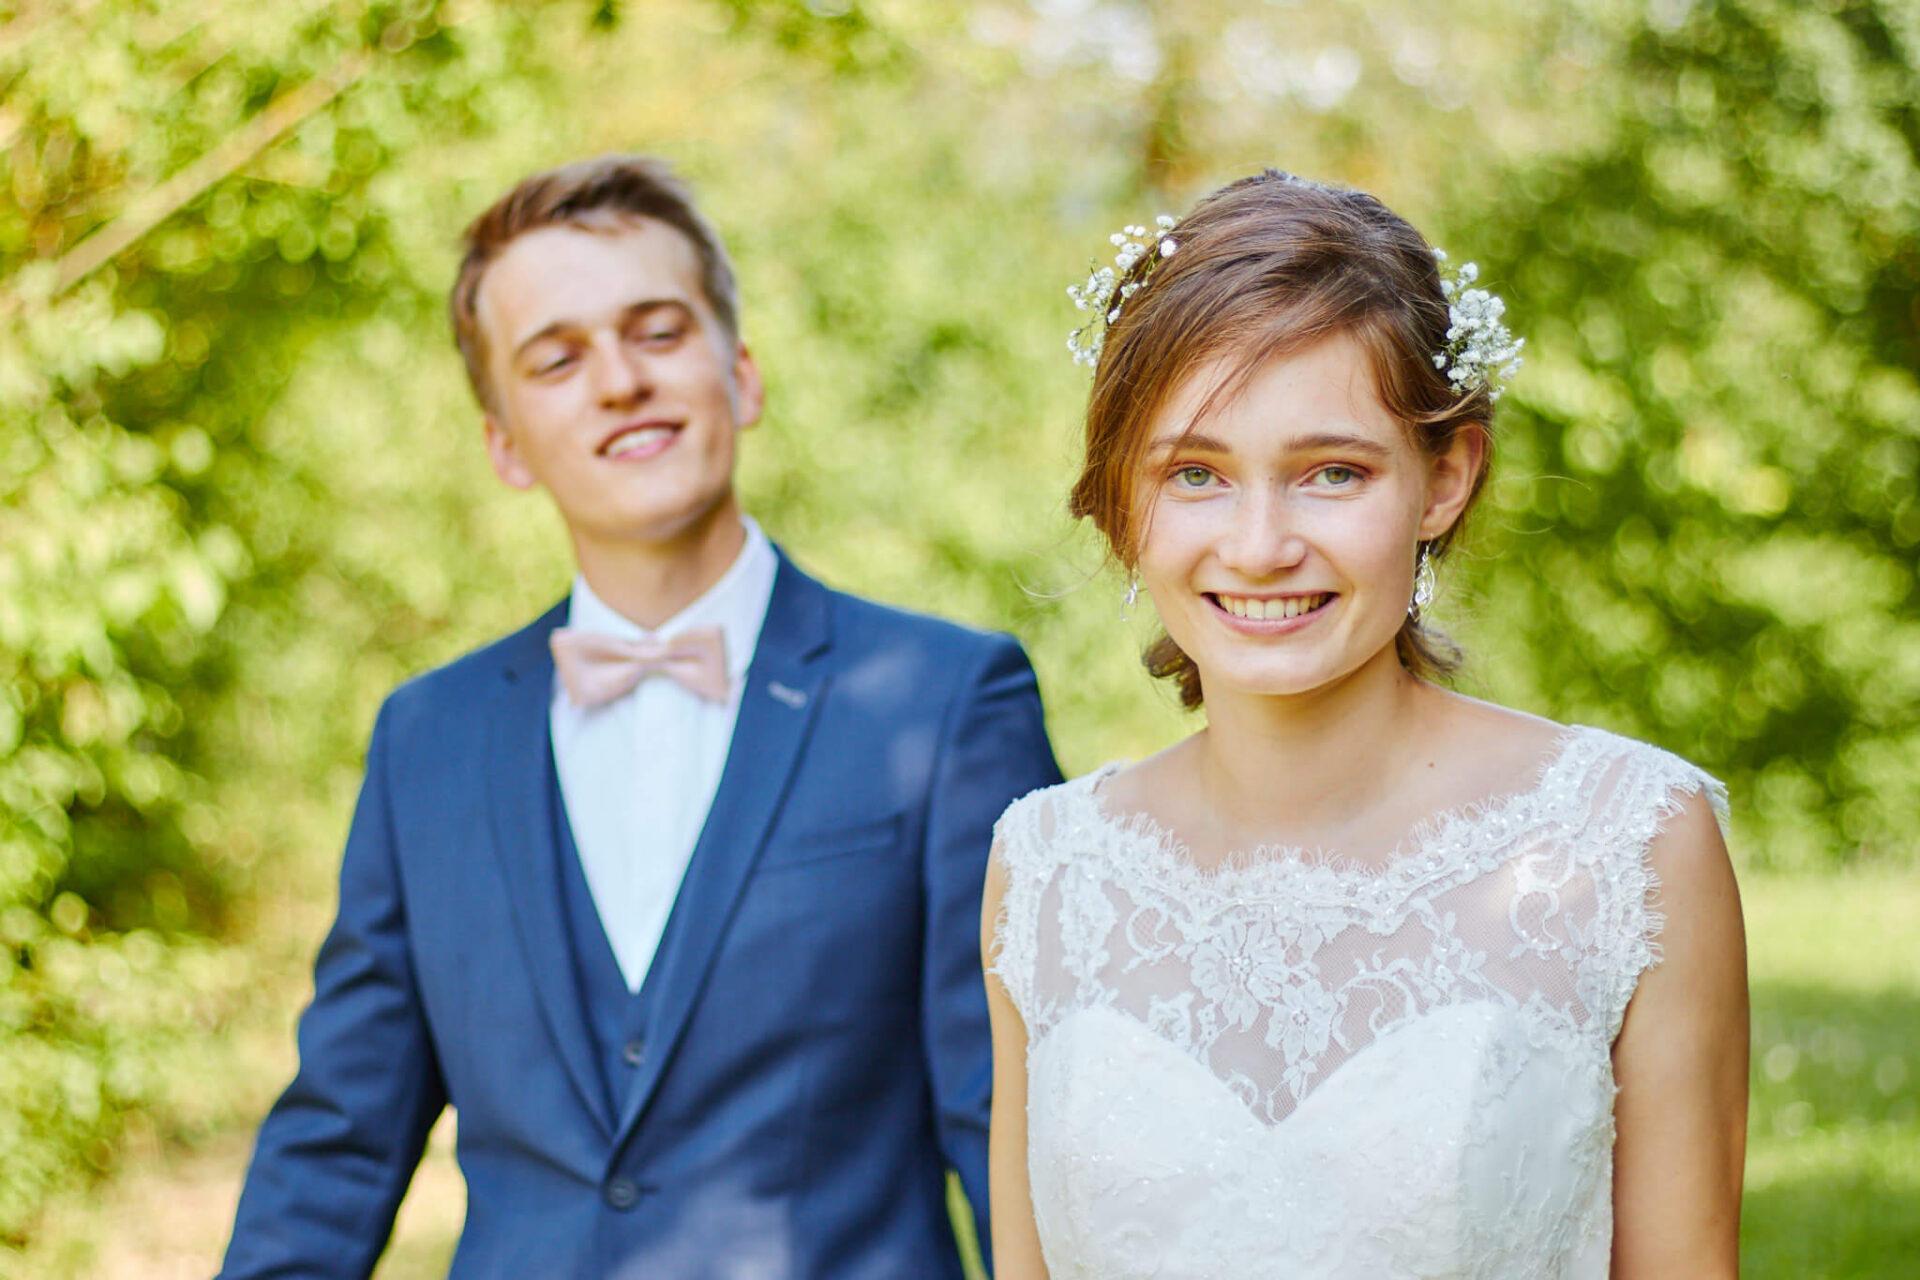 Frau im Hochzeitskleid läuft mit Mann in der Natur